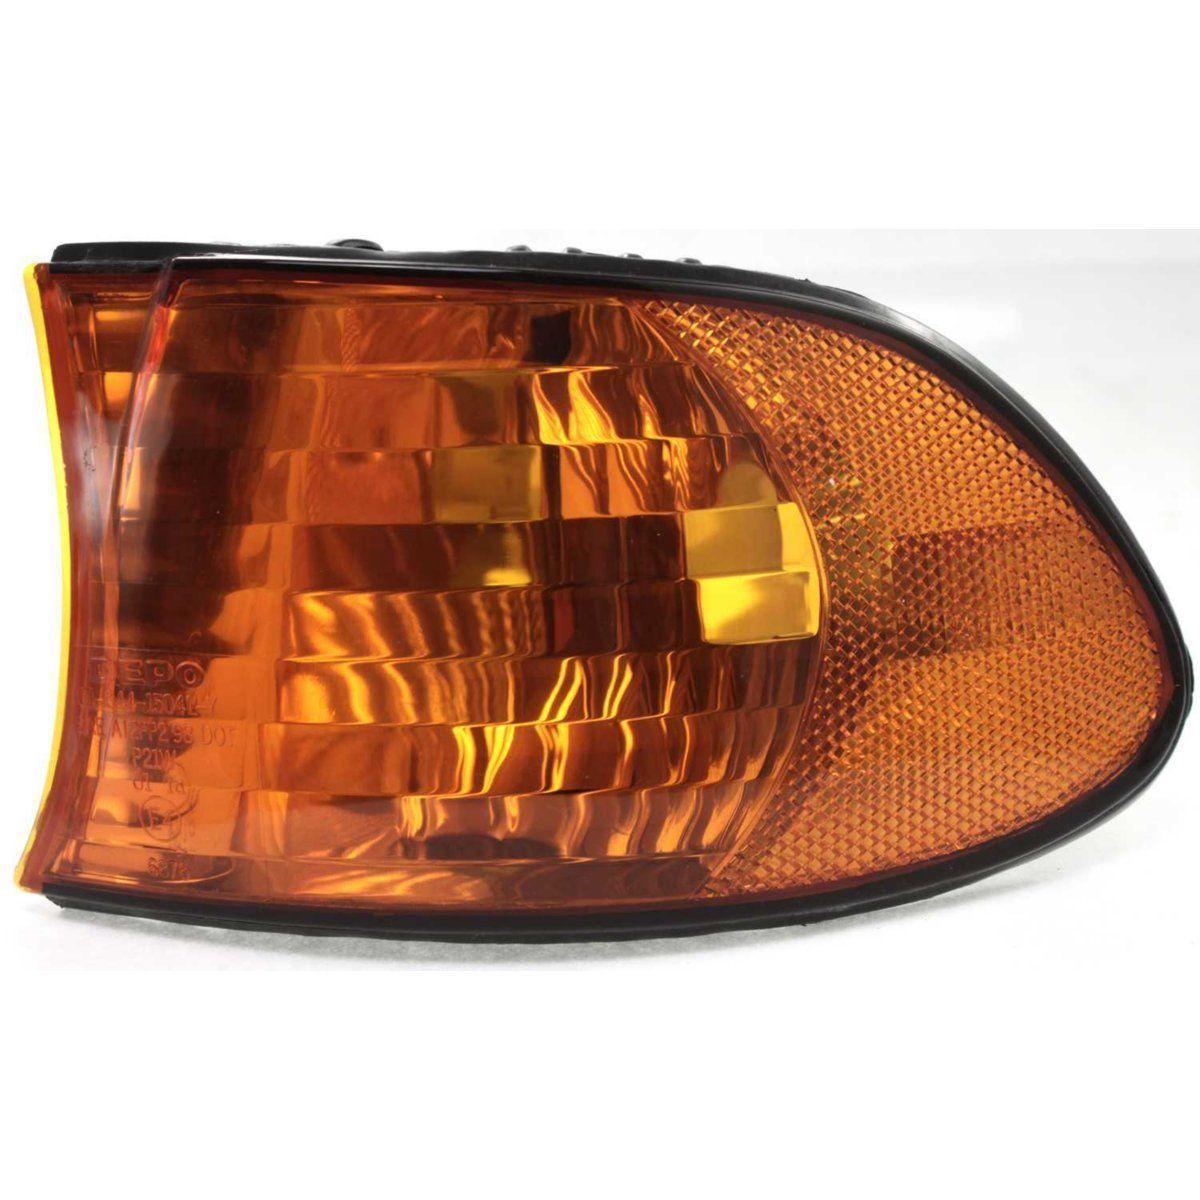 USコーナーライト Parking Light For 99-2001 BMW 740iL 740i Driver Side 99-2001 BMW 740iL 740iドライバーサイドの駐車ライト